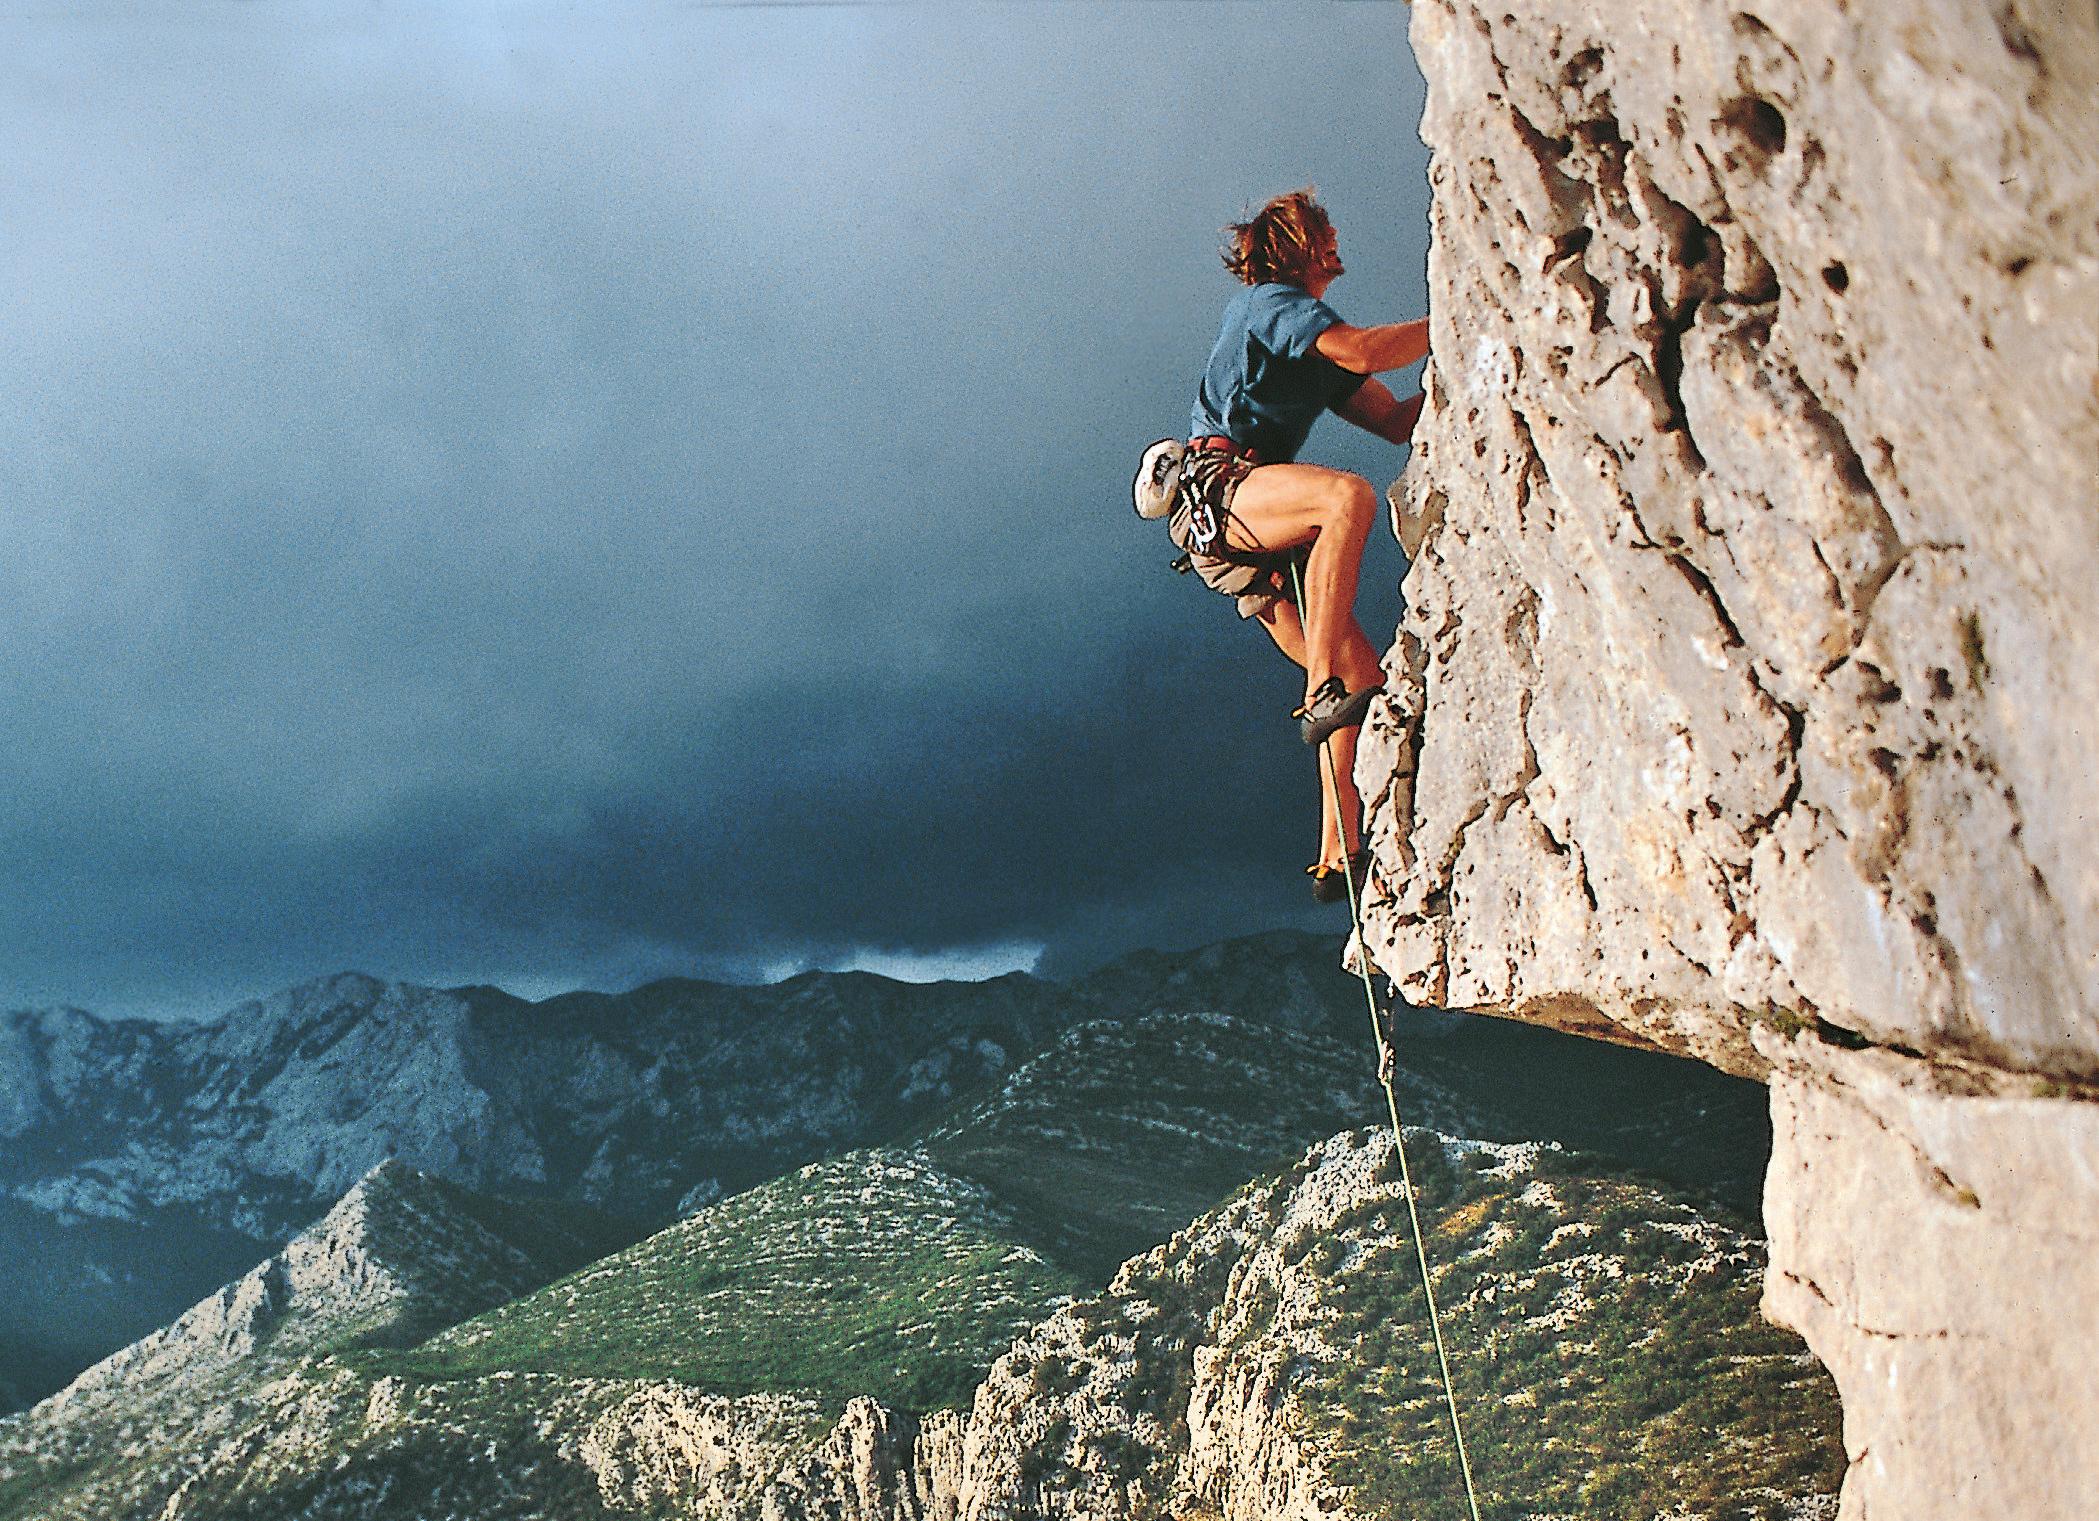 Gewitter im Anflug: Ivica Matkovic sieht den Fels vor lauter Haaren nicht und flüchtet in »Zenit« (7a+) am Anica kuk.